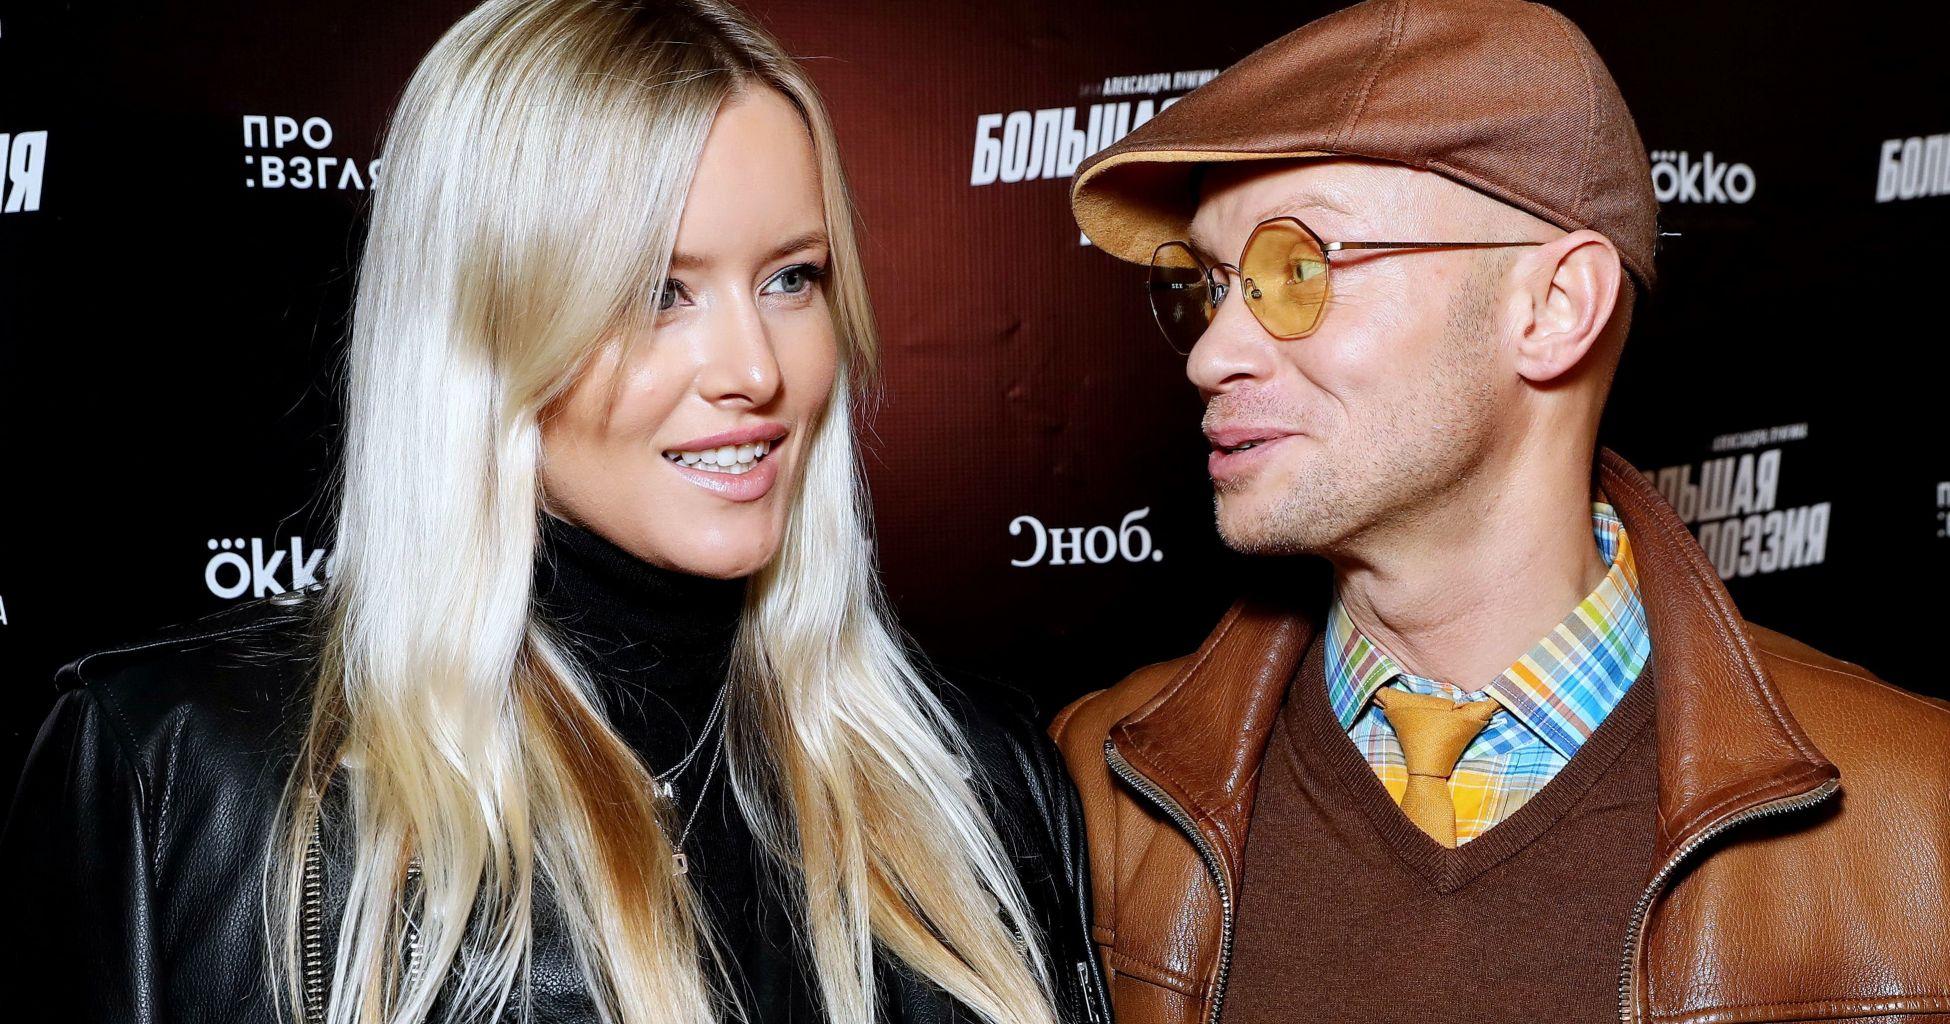 Жена Хрусталева возмутилась публикациями о госпитализации мужа